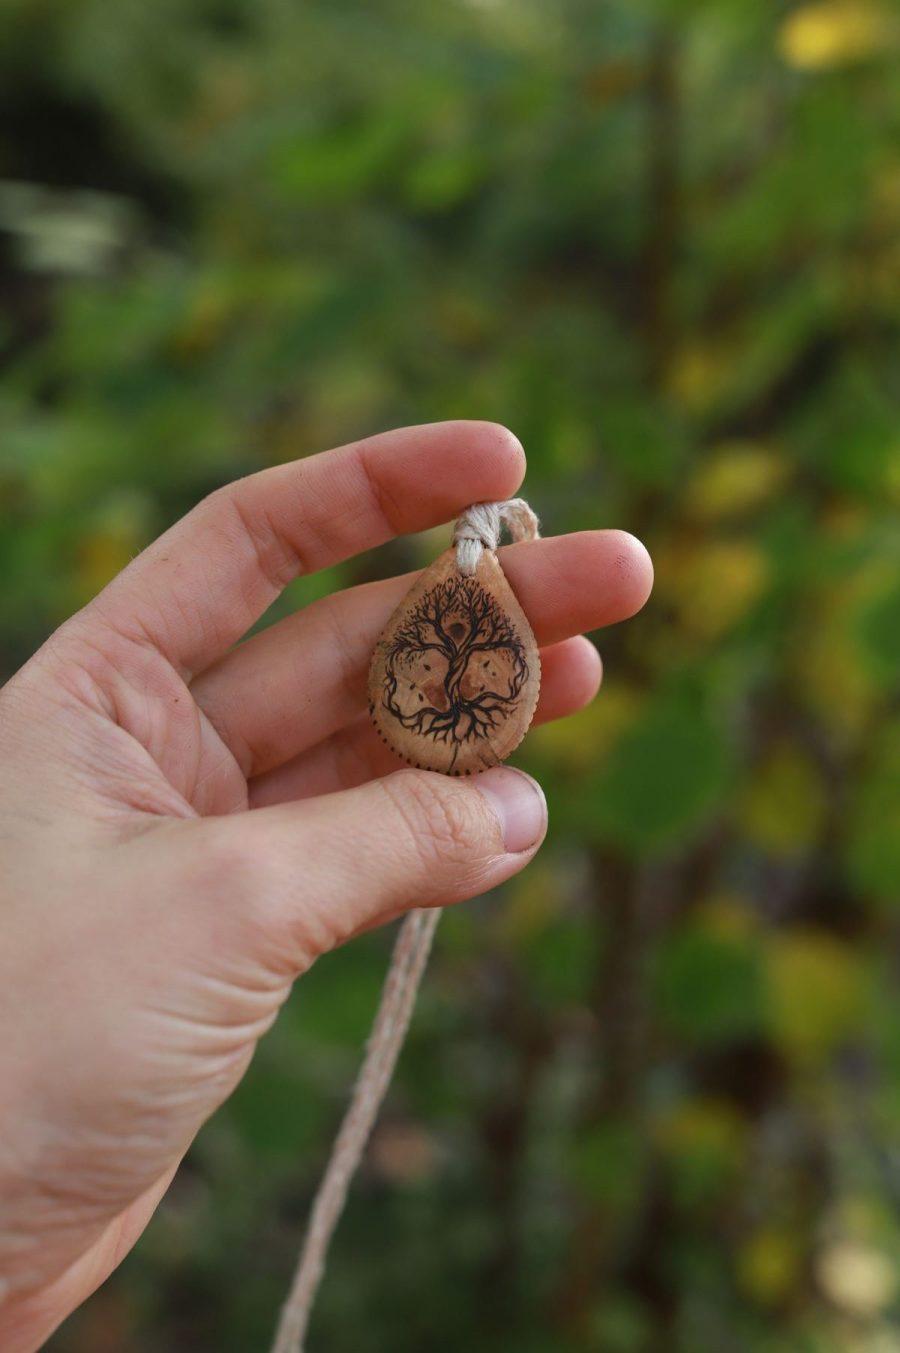 Amulette arbre de vie, celtique, viking, yggdrasil, bois, chanvre, bio, organic, écologique, artisanat normand, atelier de la lettre aux ours, missive to bears, collier, pendentif, bijoux